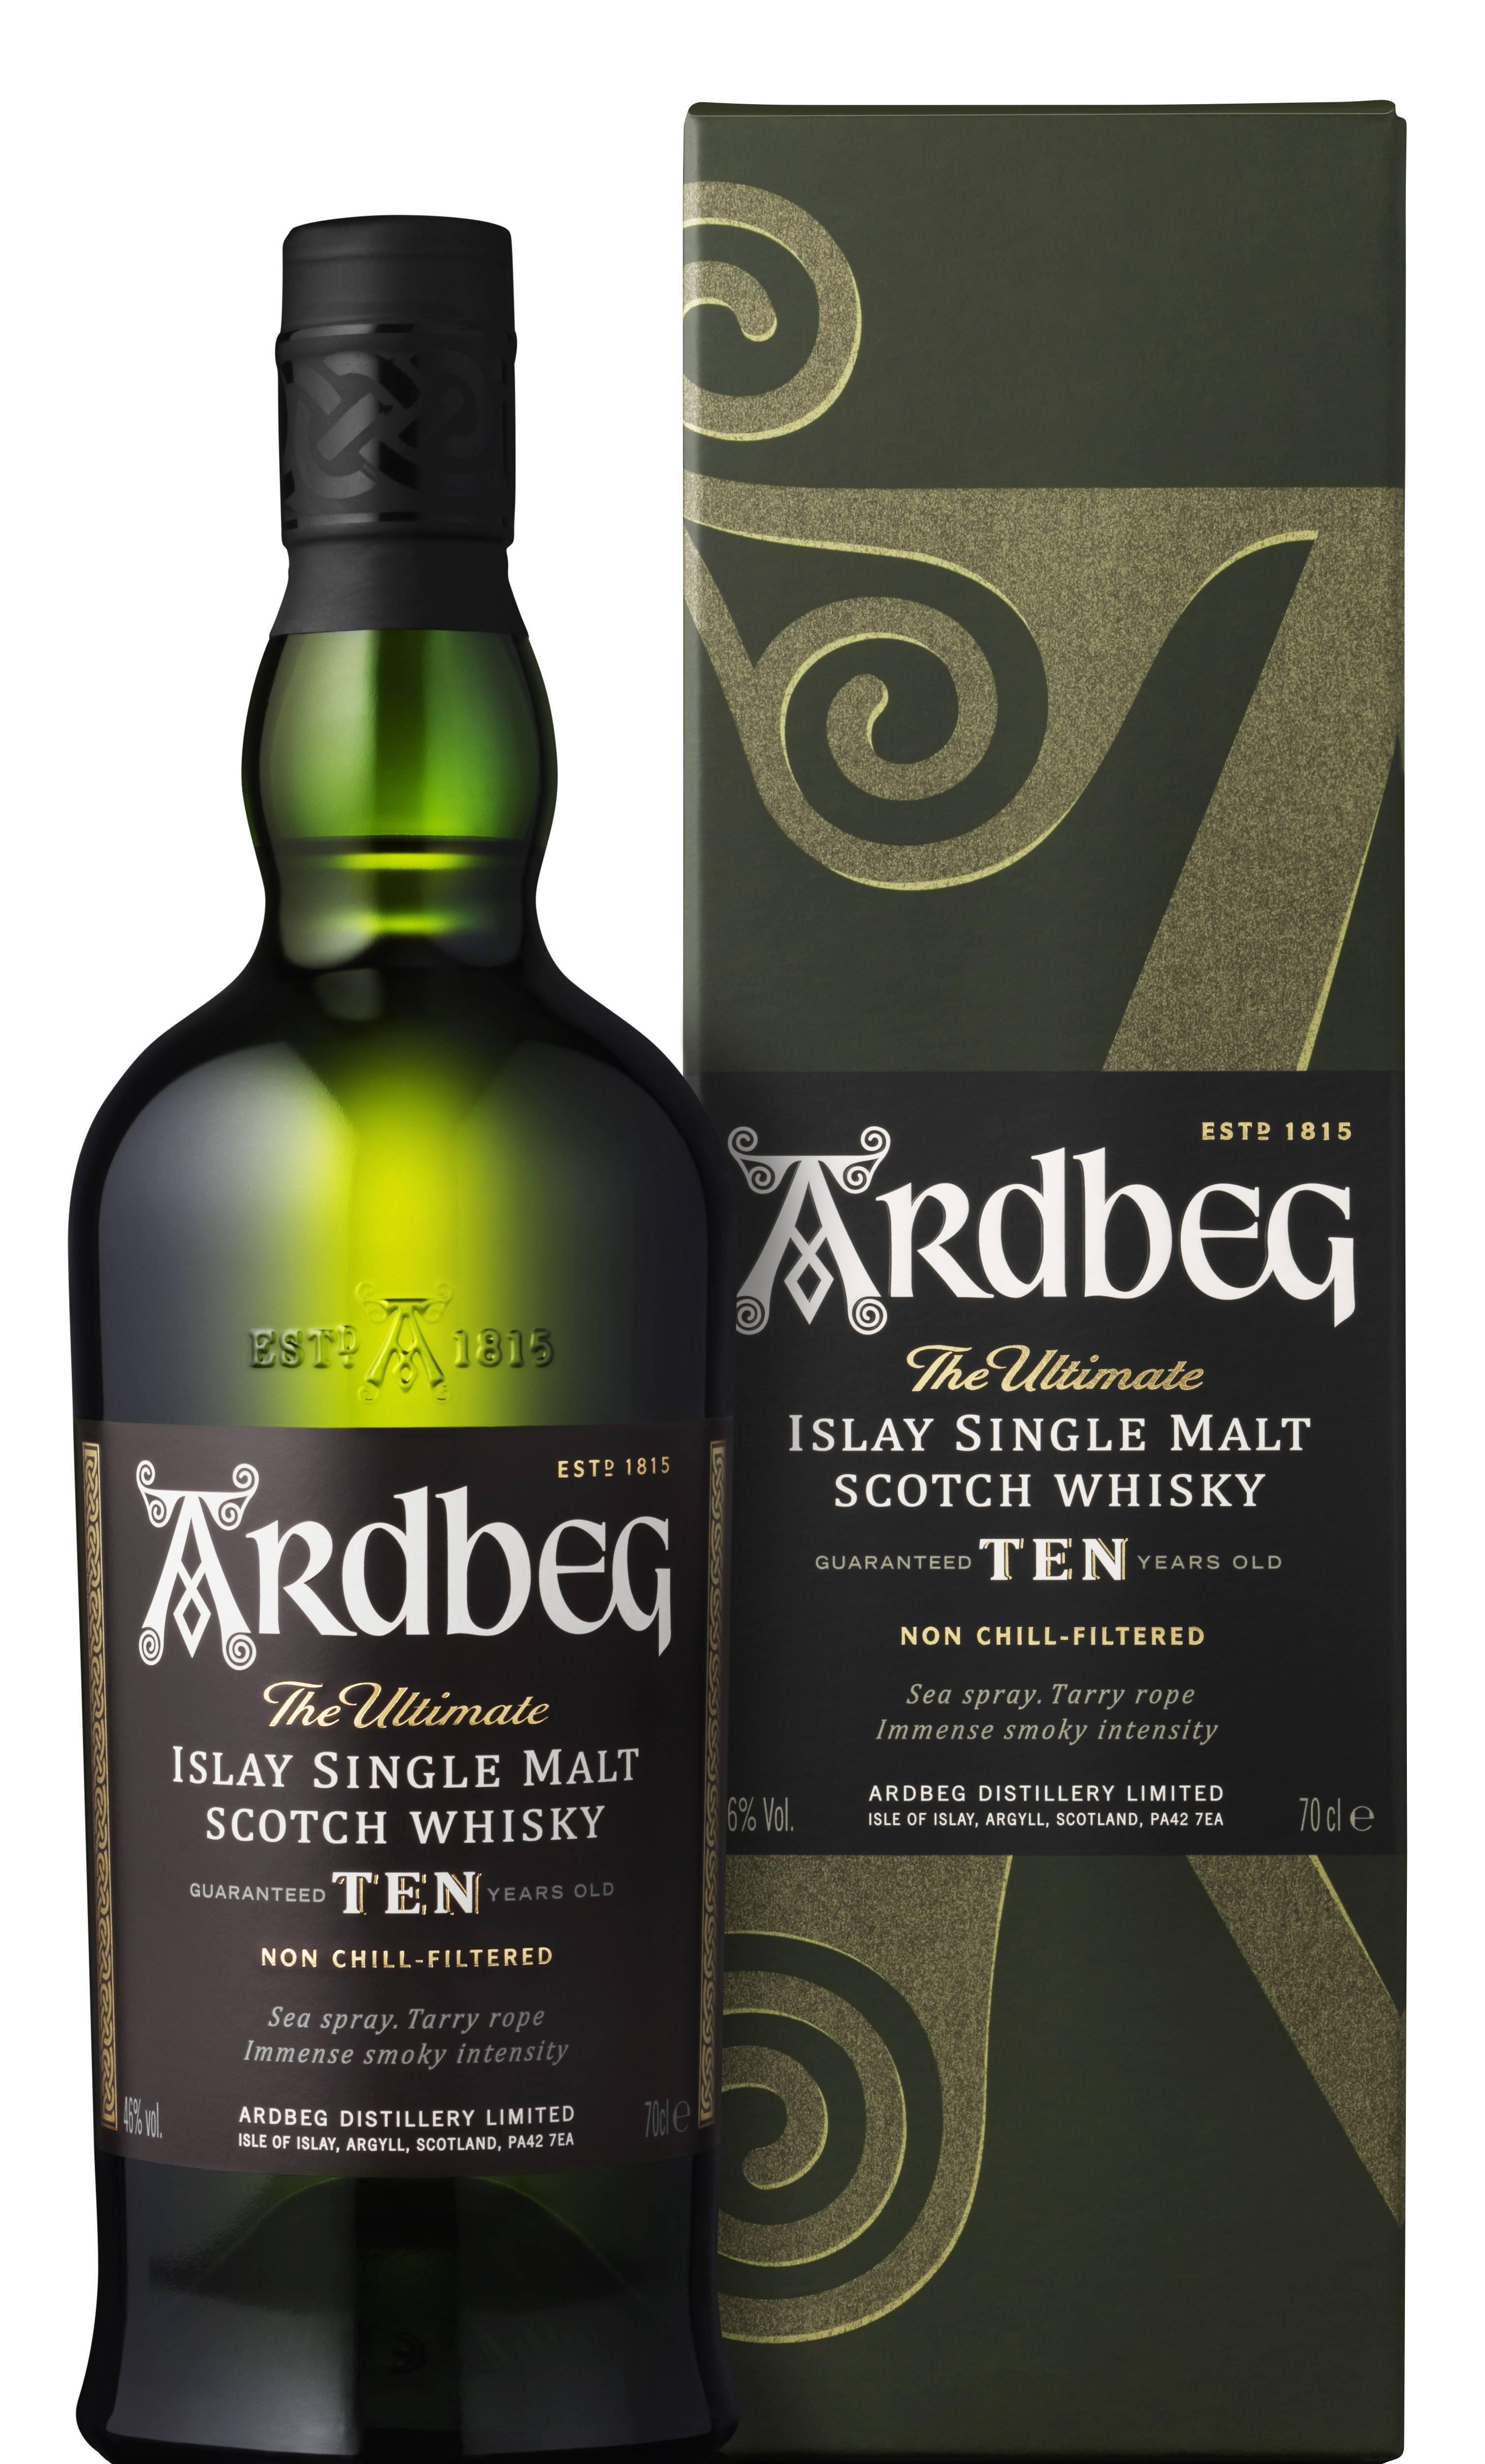 История создания и состав элитного шотландского виски ardbeg. обзор линейки бренда